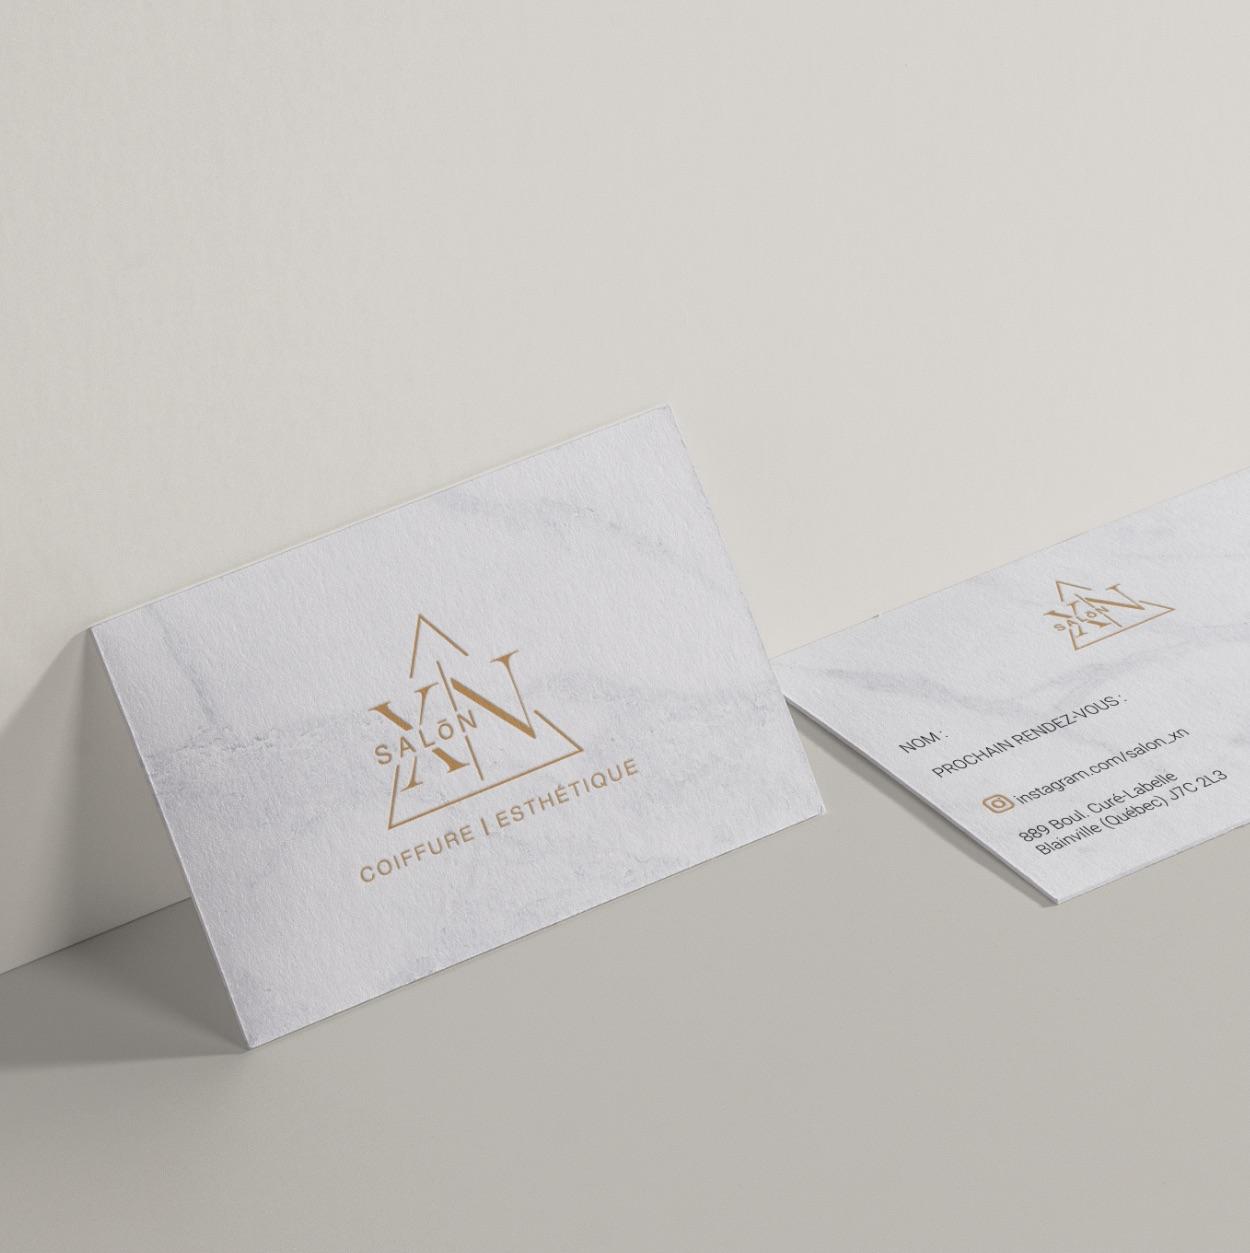 Cartes d'affaires | Effet marbre | Embossage doré | Salon XN